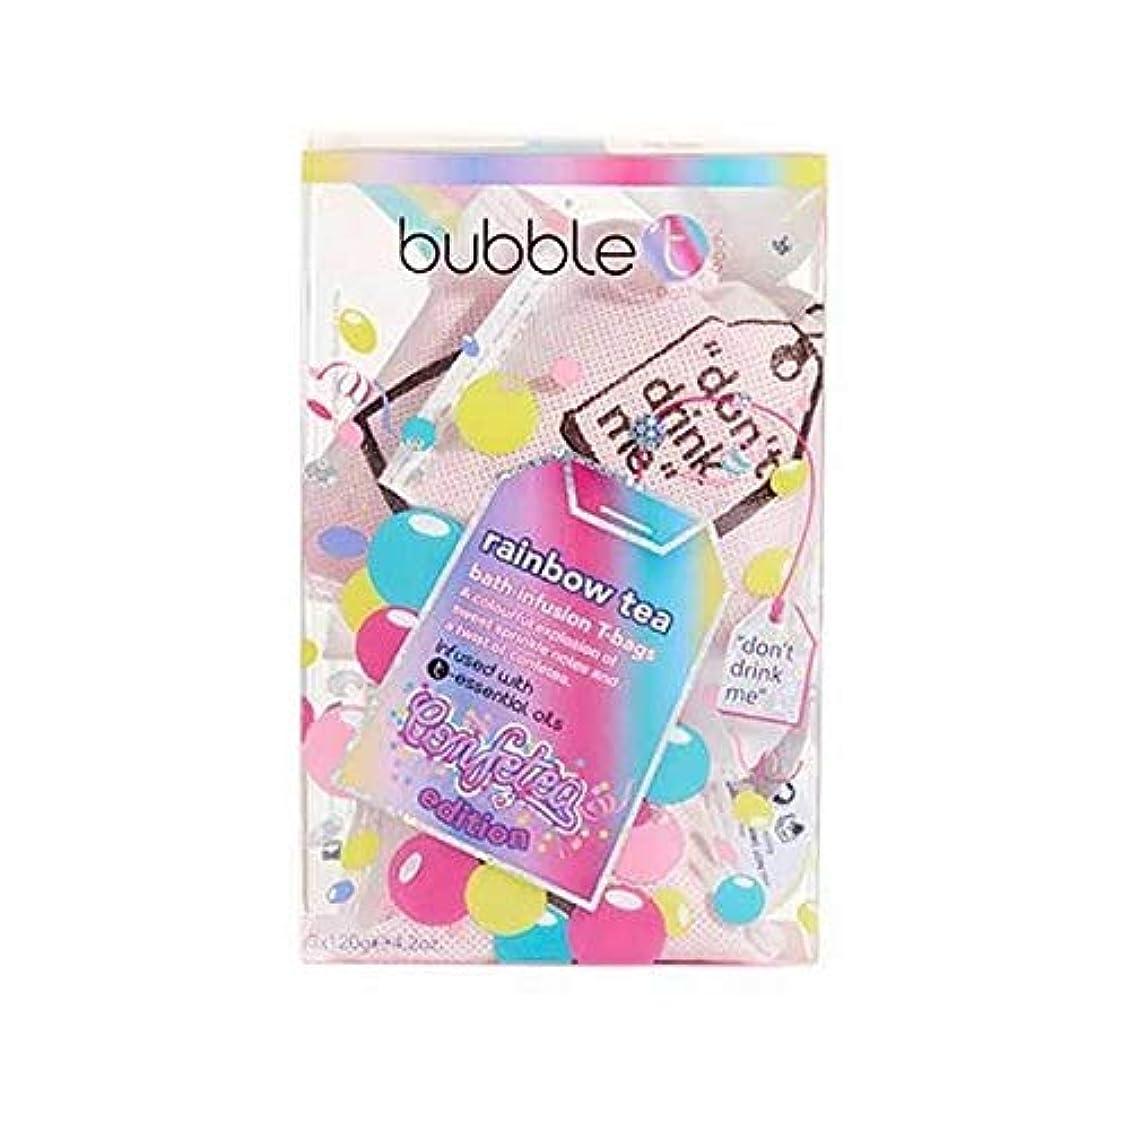 うまくいけば狂う効能[Bubble T ] バブルトンの化粧品 - 入浴輸液ティーバッグ虹のお茶 - Bubble T Cosmetics - Bath infusion tea bags Rainbow tea [並行輸入品]